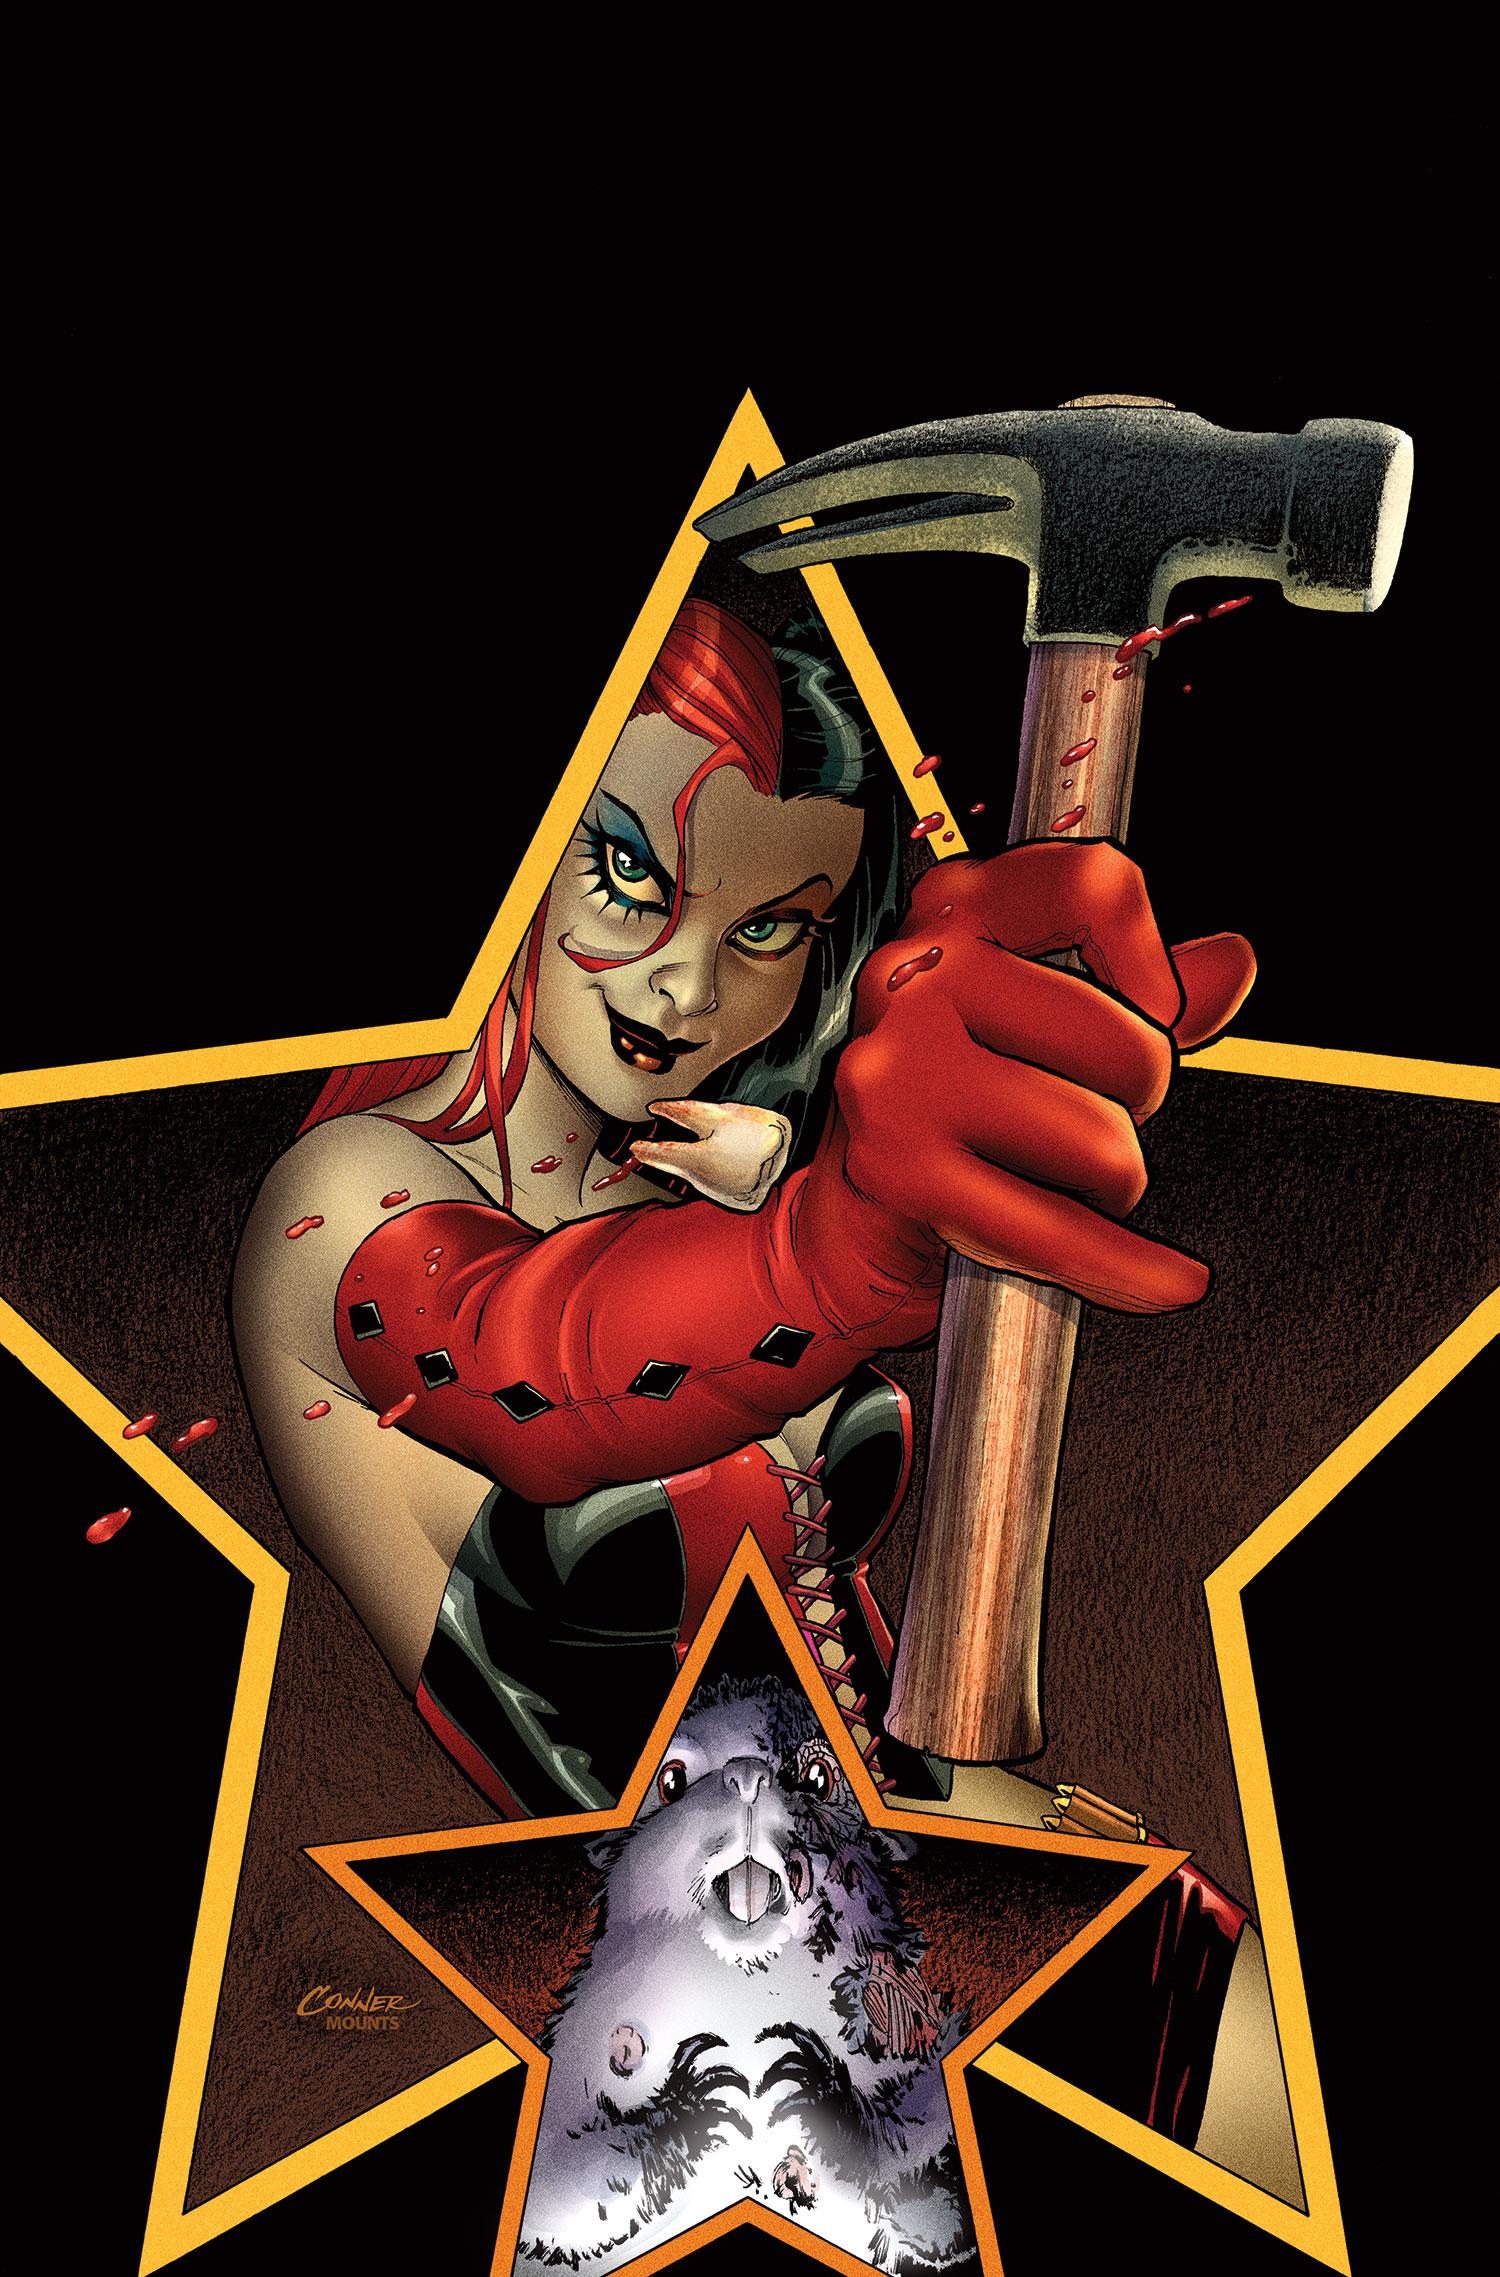 Harley Quinn Vol 2 0 Director's Cut Textless.jpg